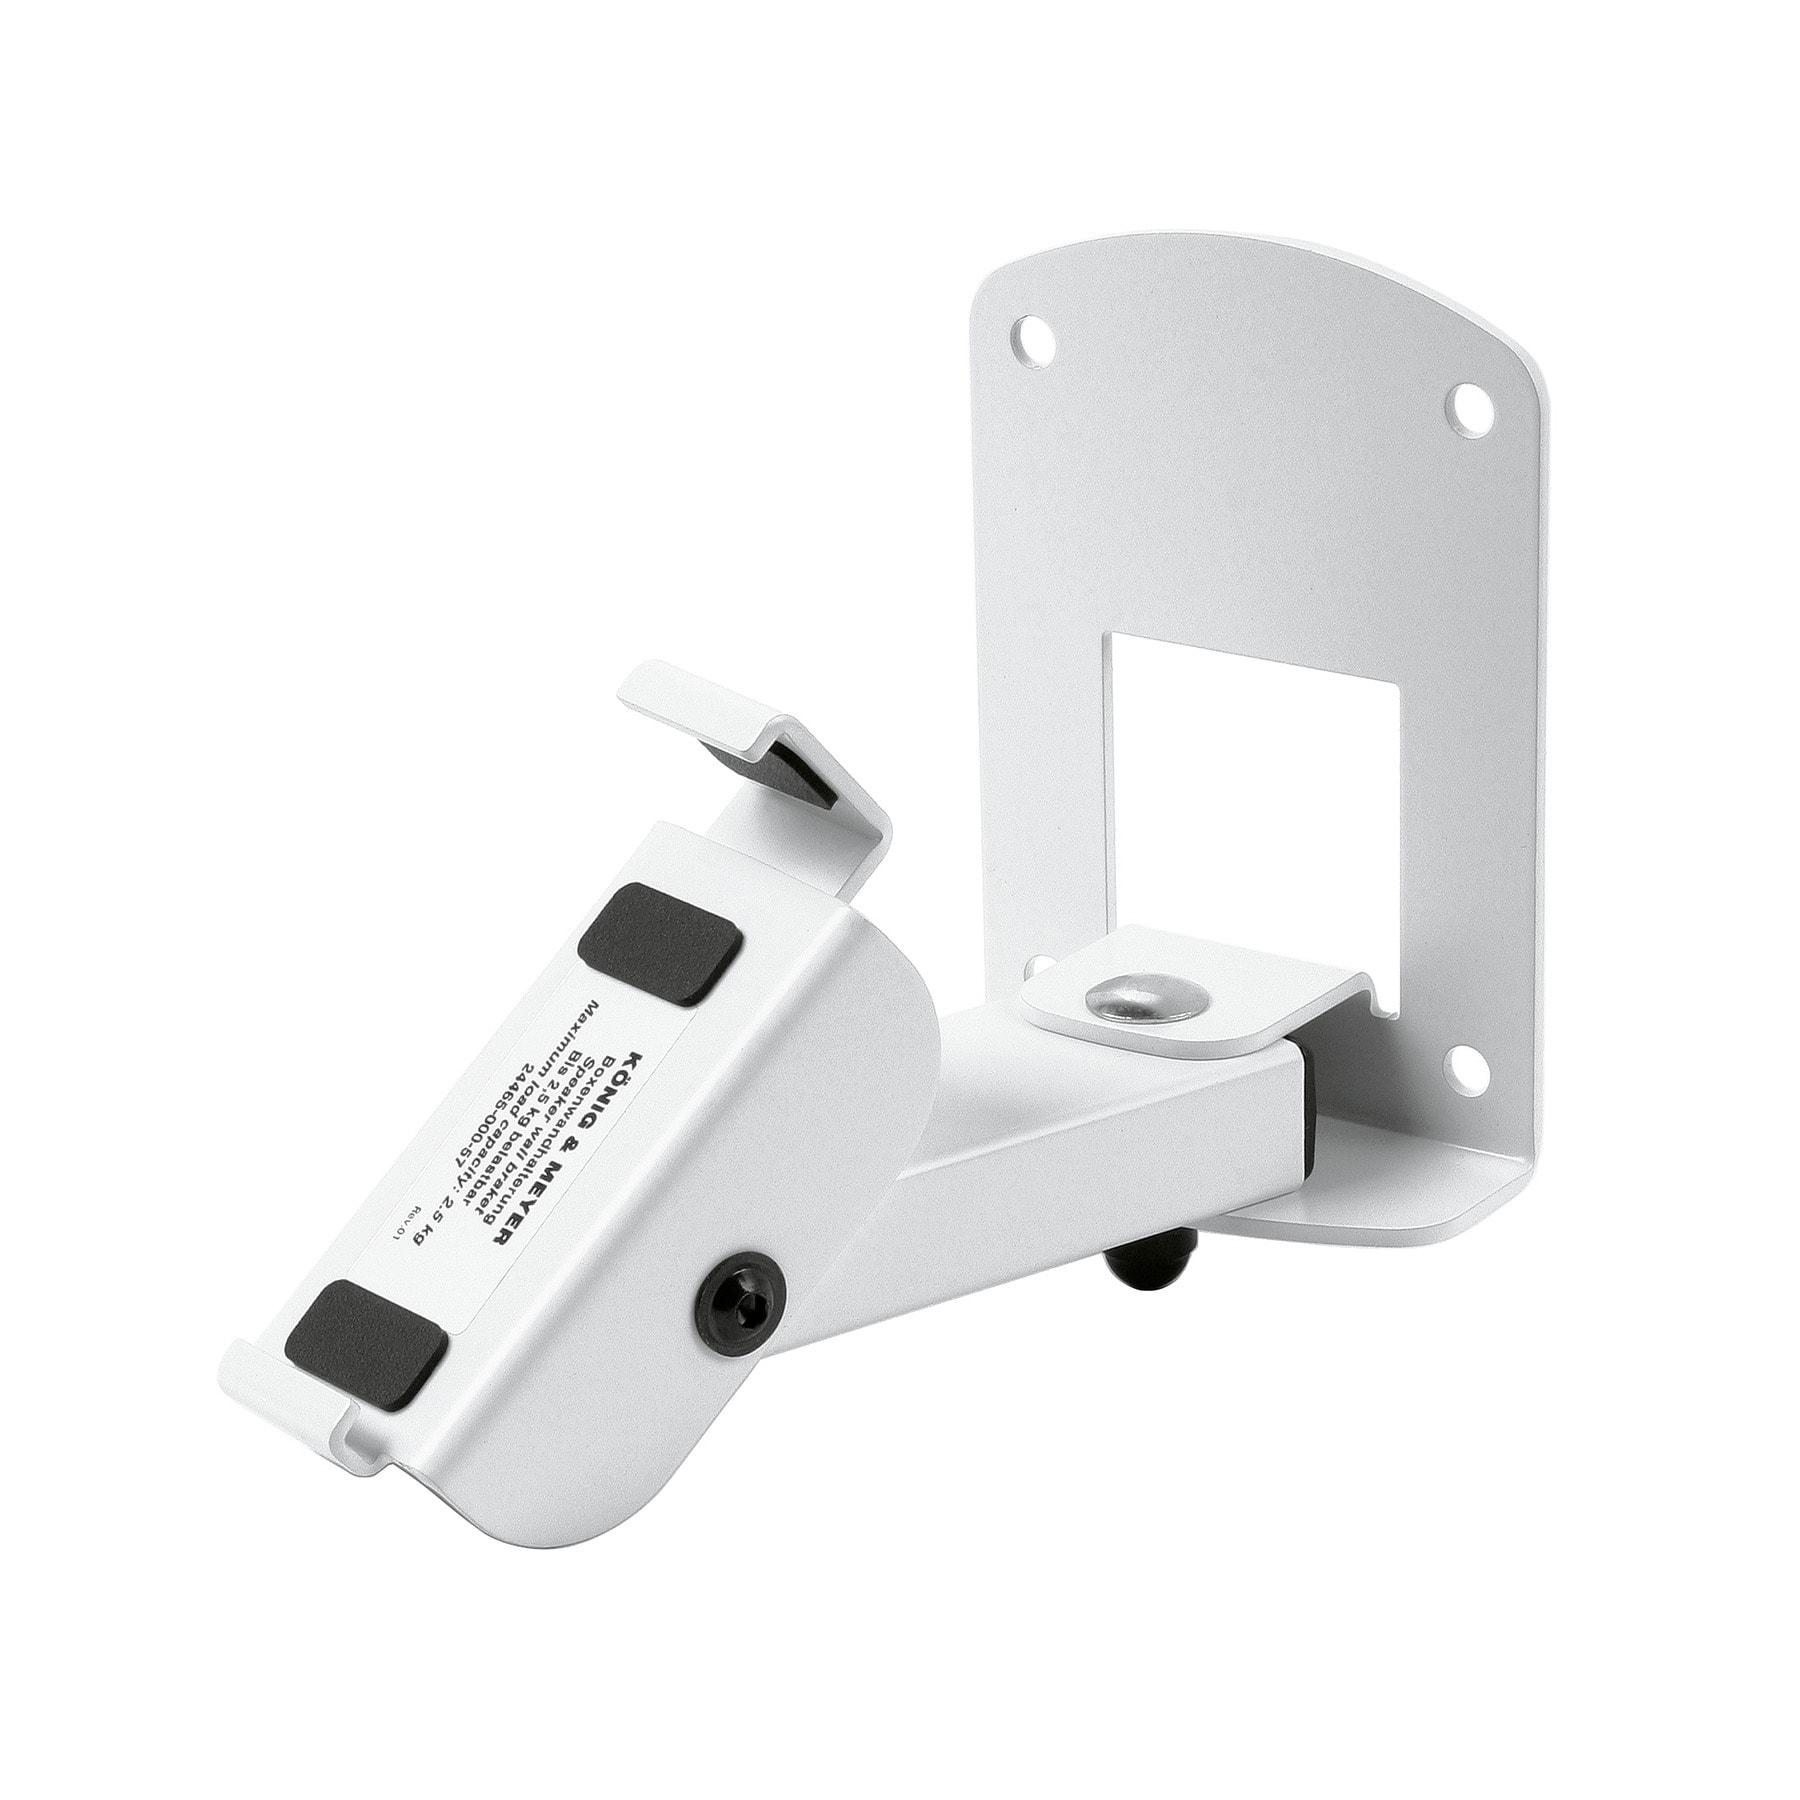 KM24465 - Speaker wall mount